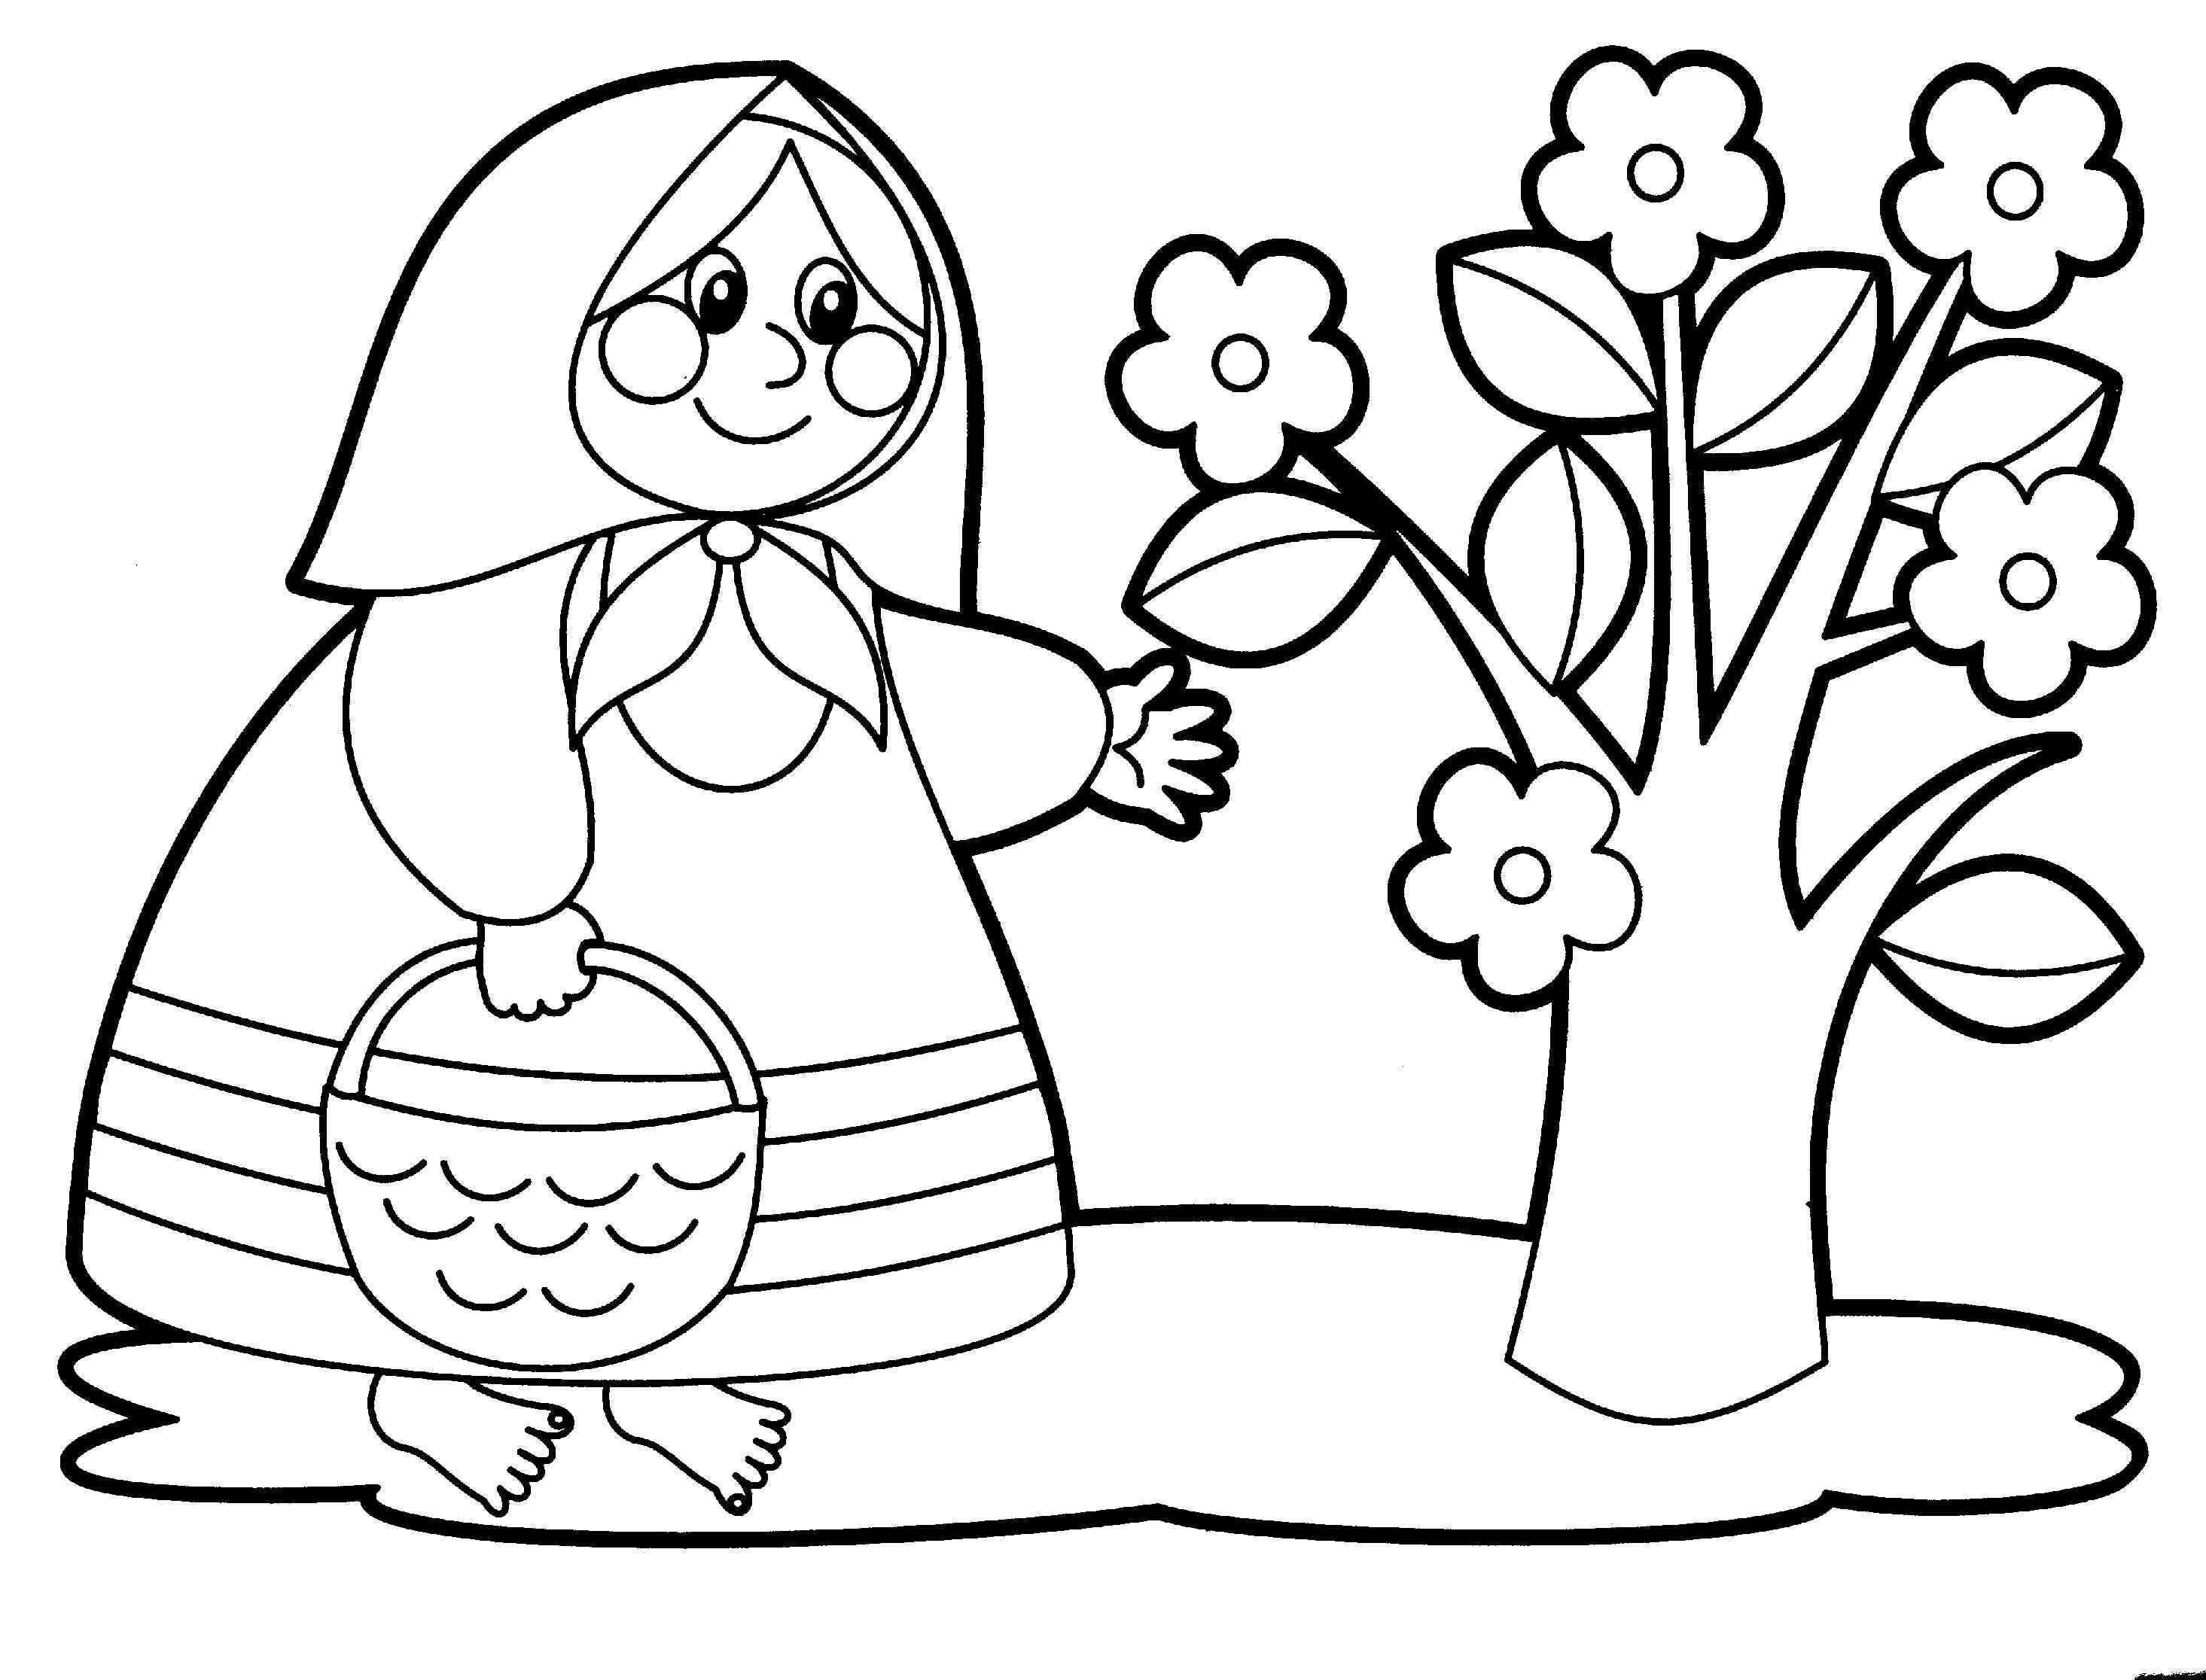 Раскраски для девочек 3-4 лет скачать бесплатно